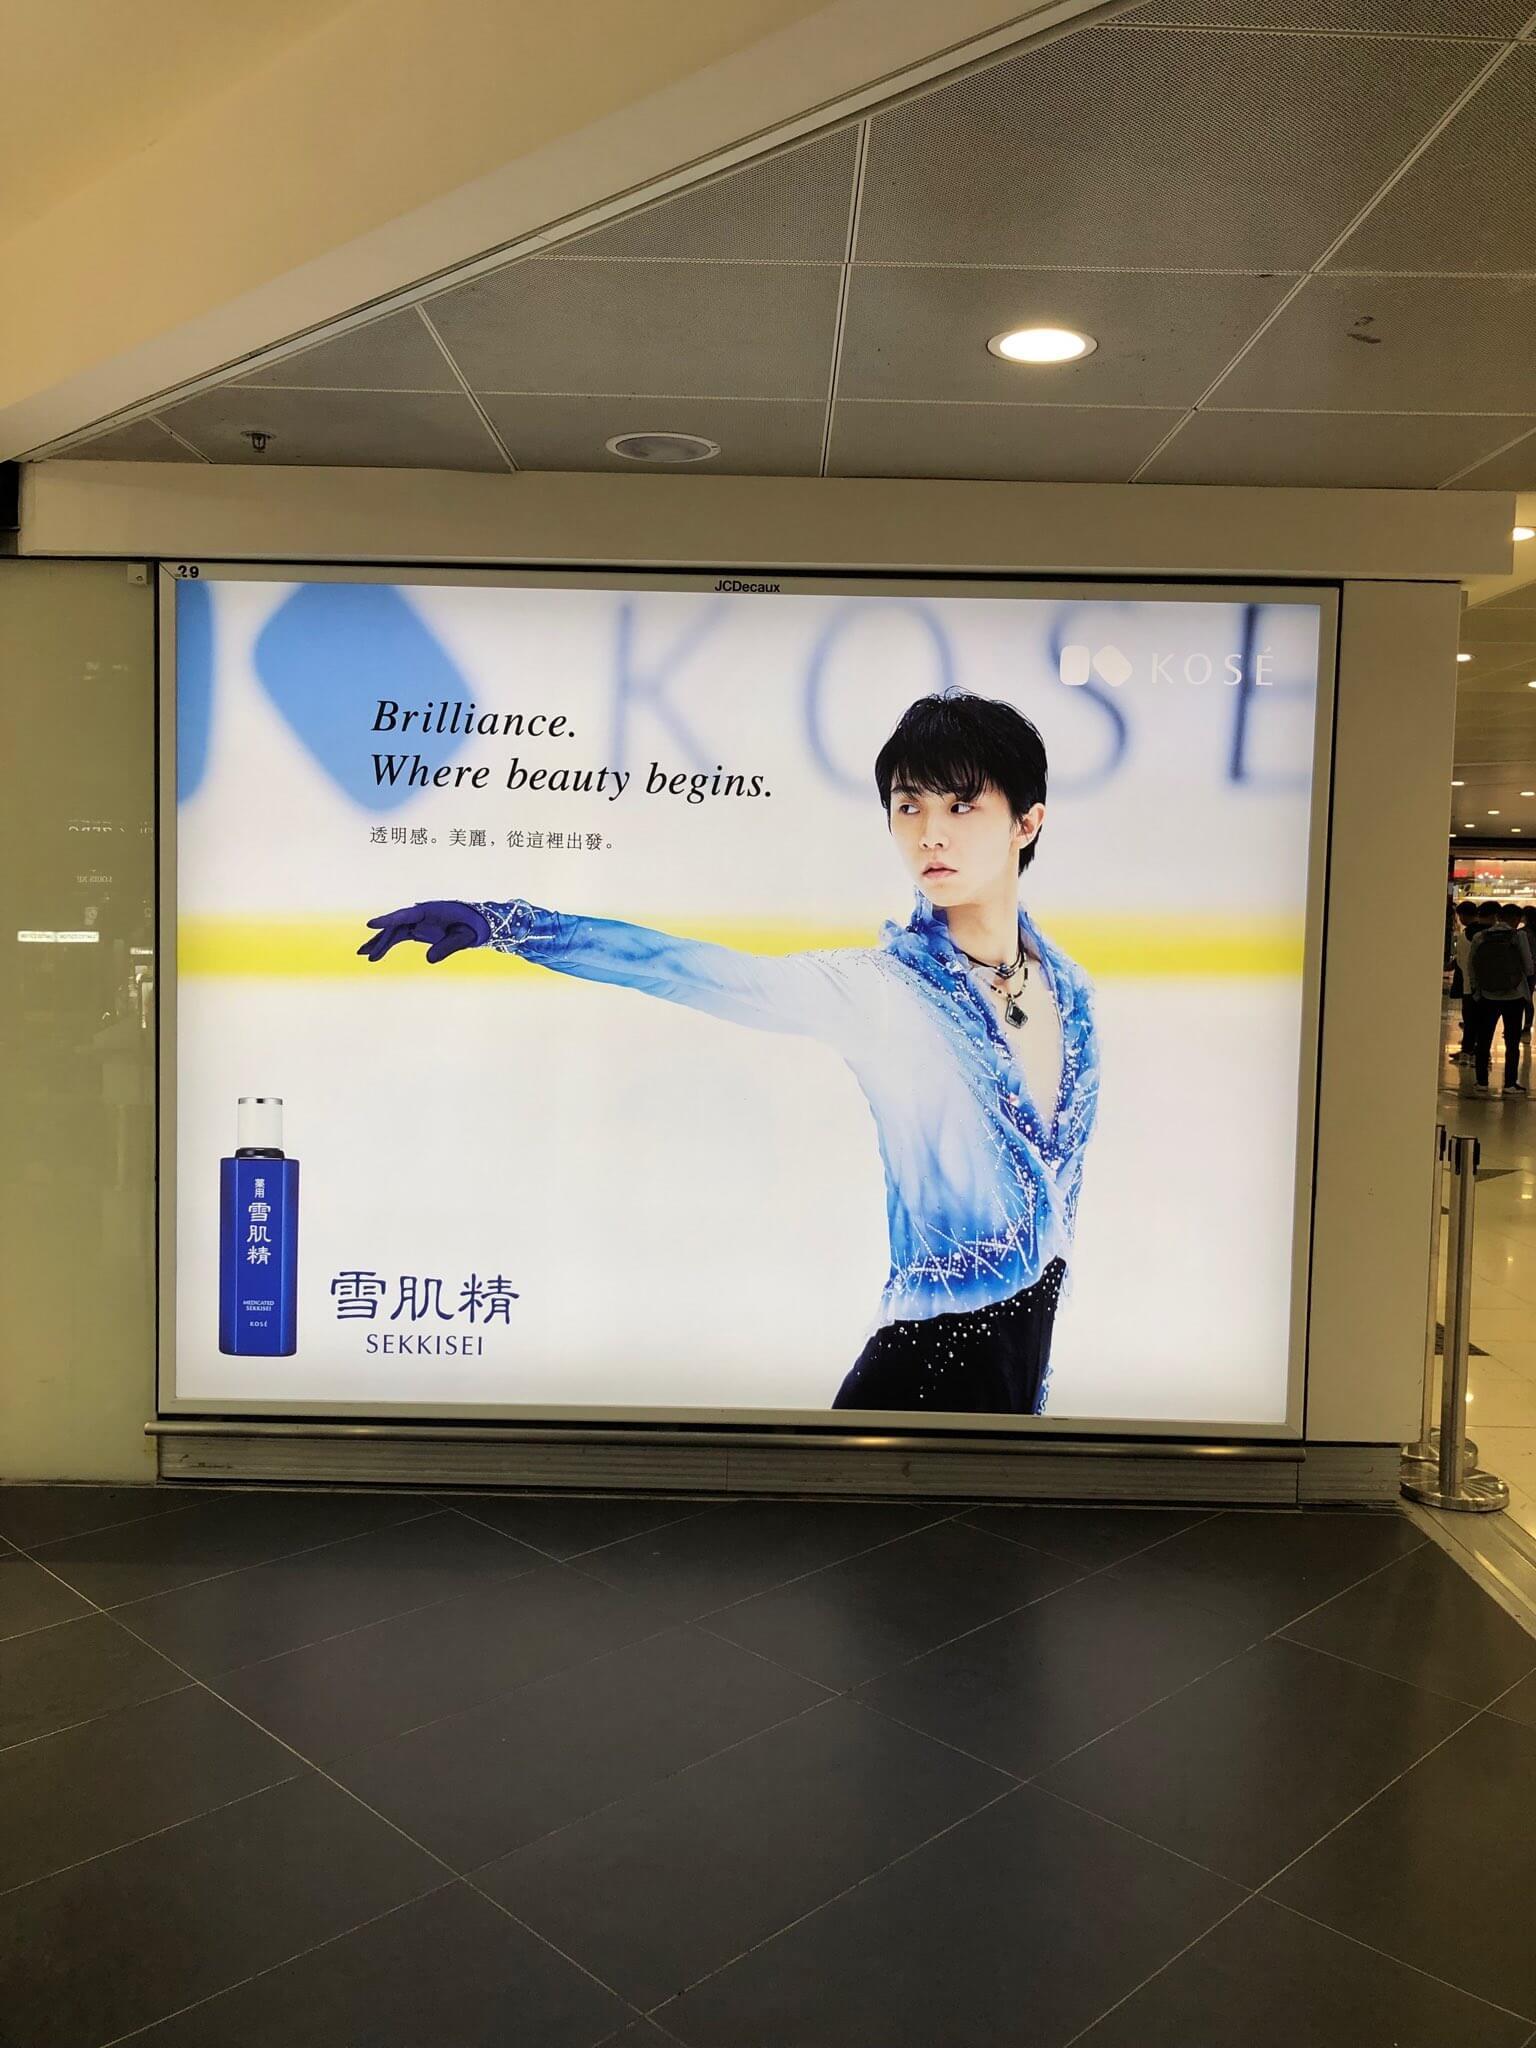 香港国際空港にも現れた雪肌精の羽生結弦!羽田の国際線で見てからここ行ってまた見るコースだ。